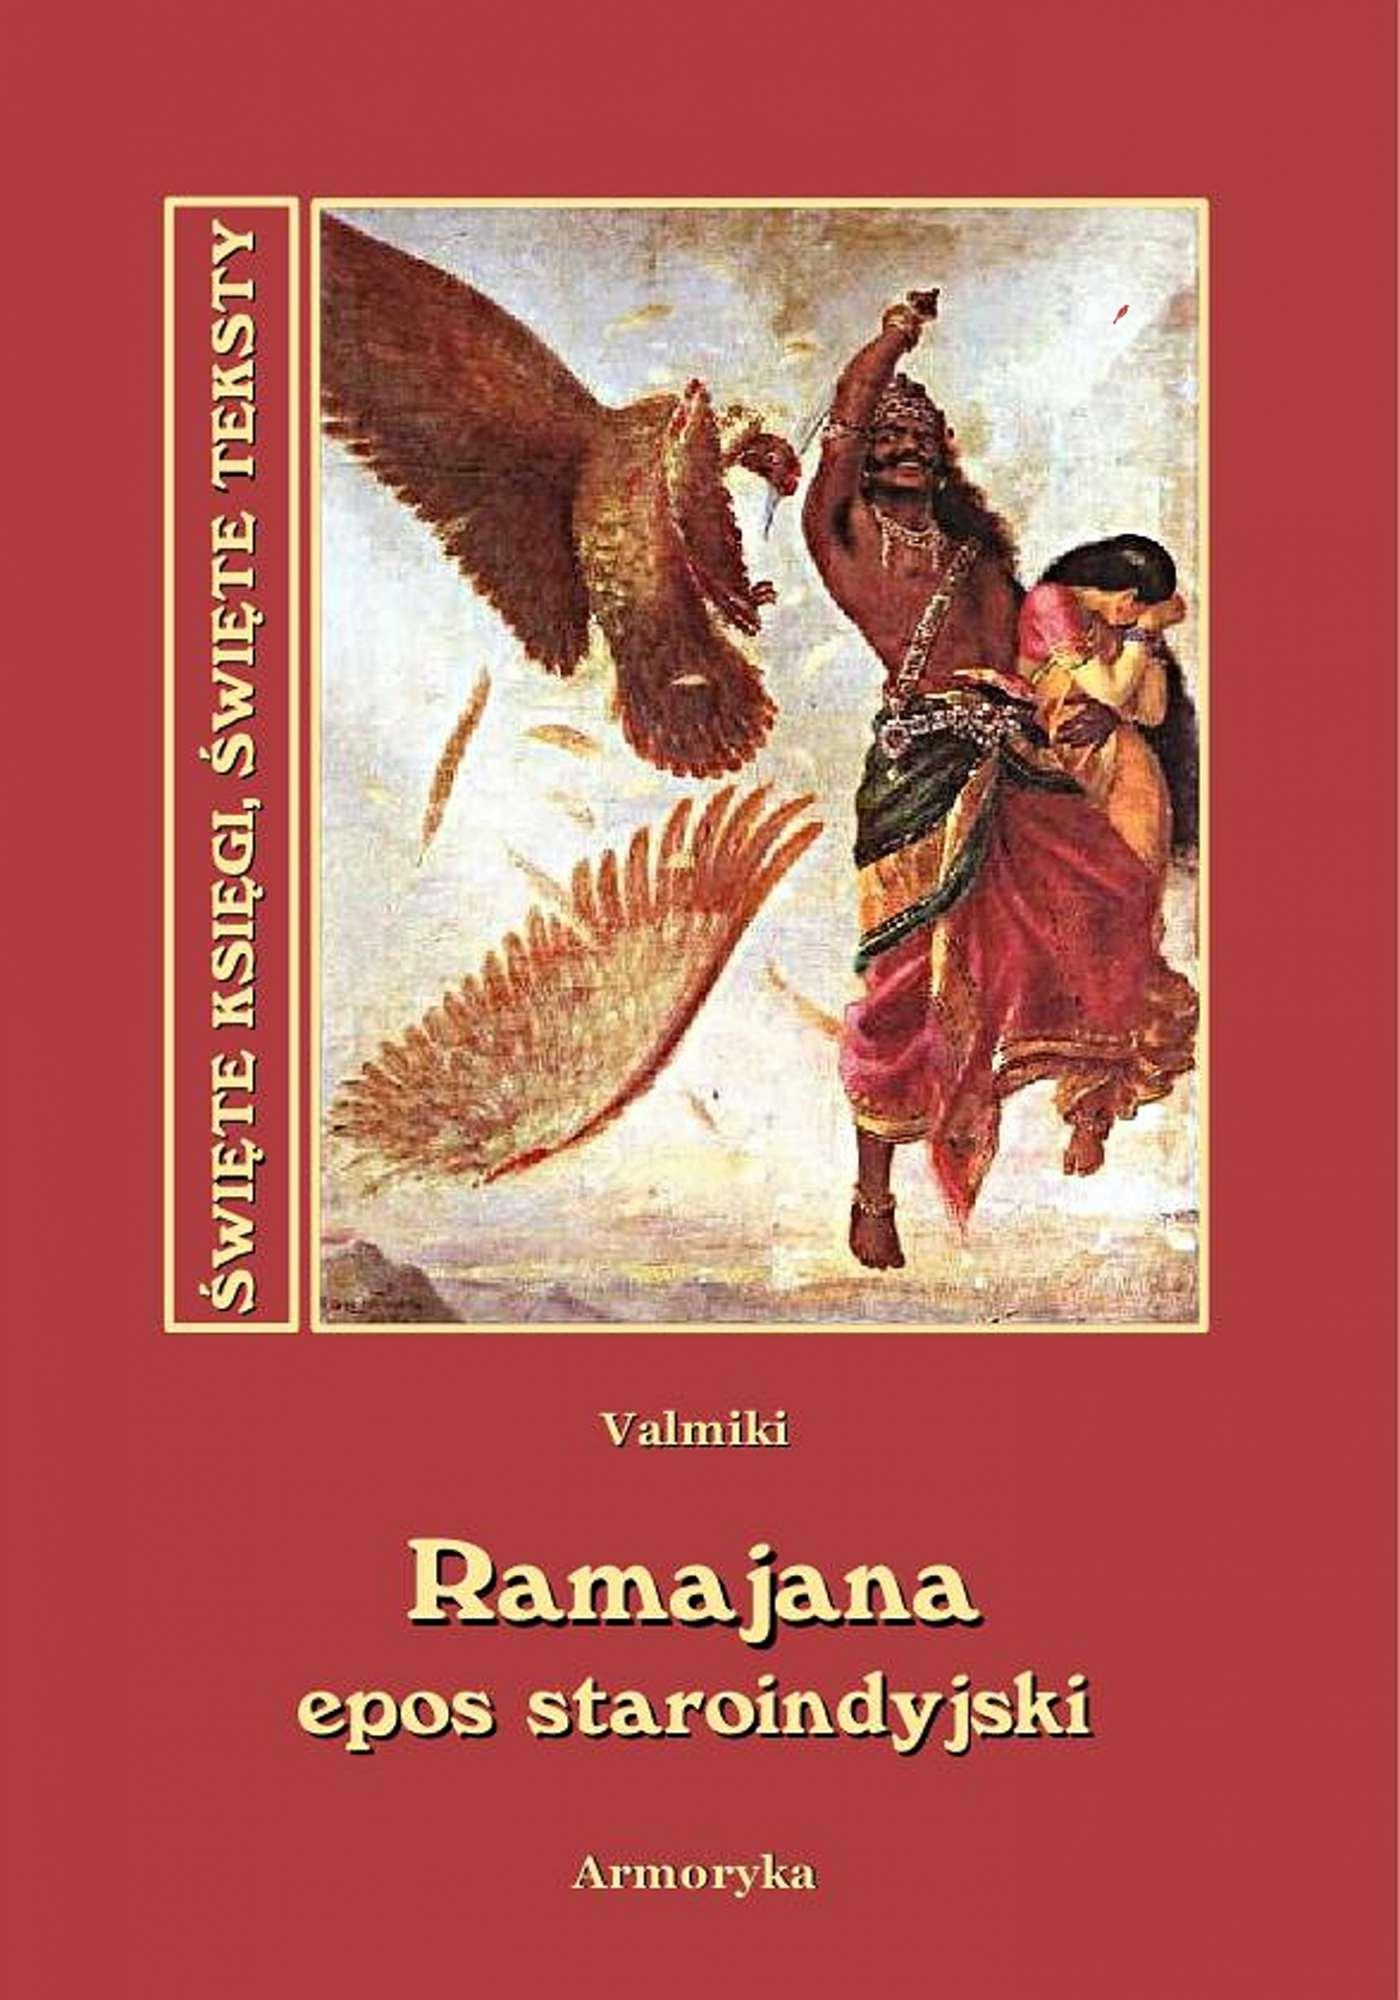 Ramajana. Epos indyjski - Ebook (Książka EPUB) do pobrania w formacie EPUB